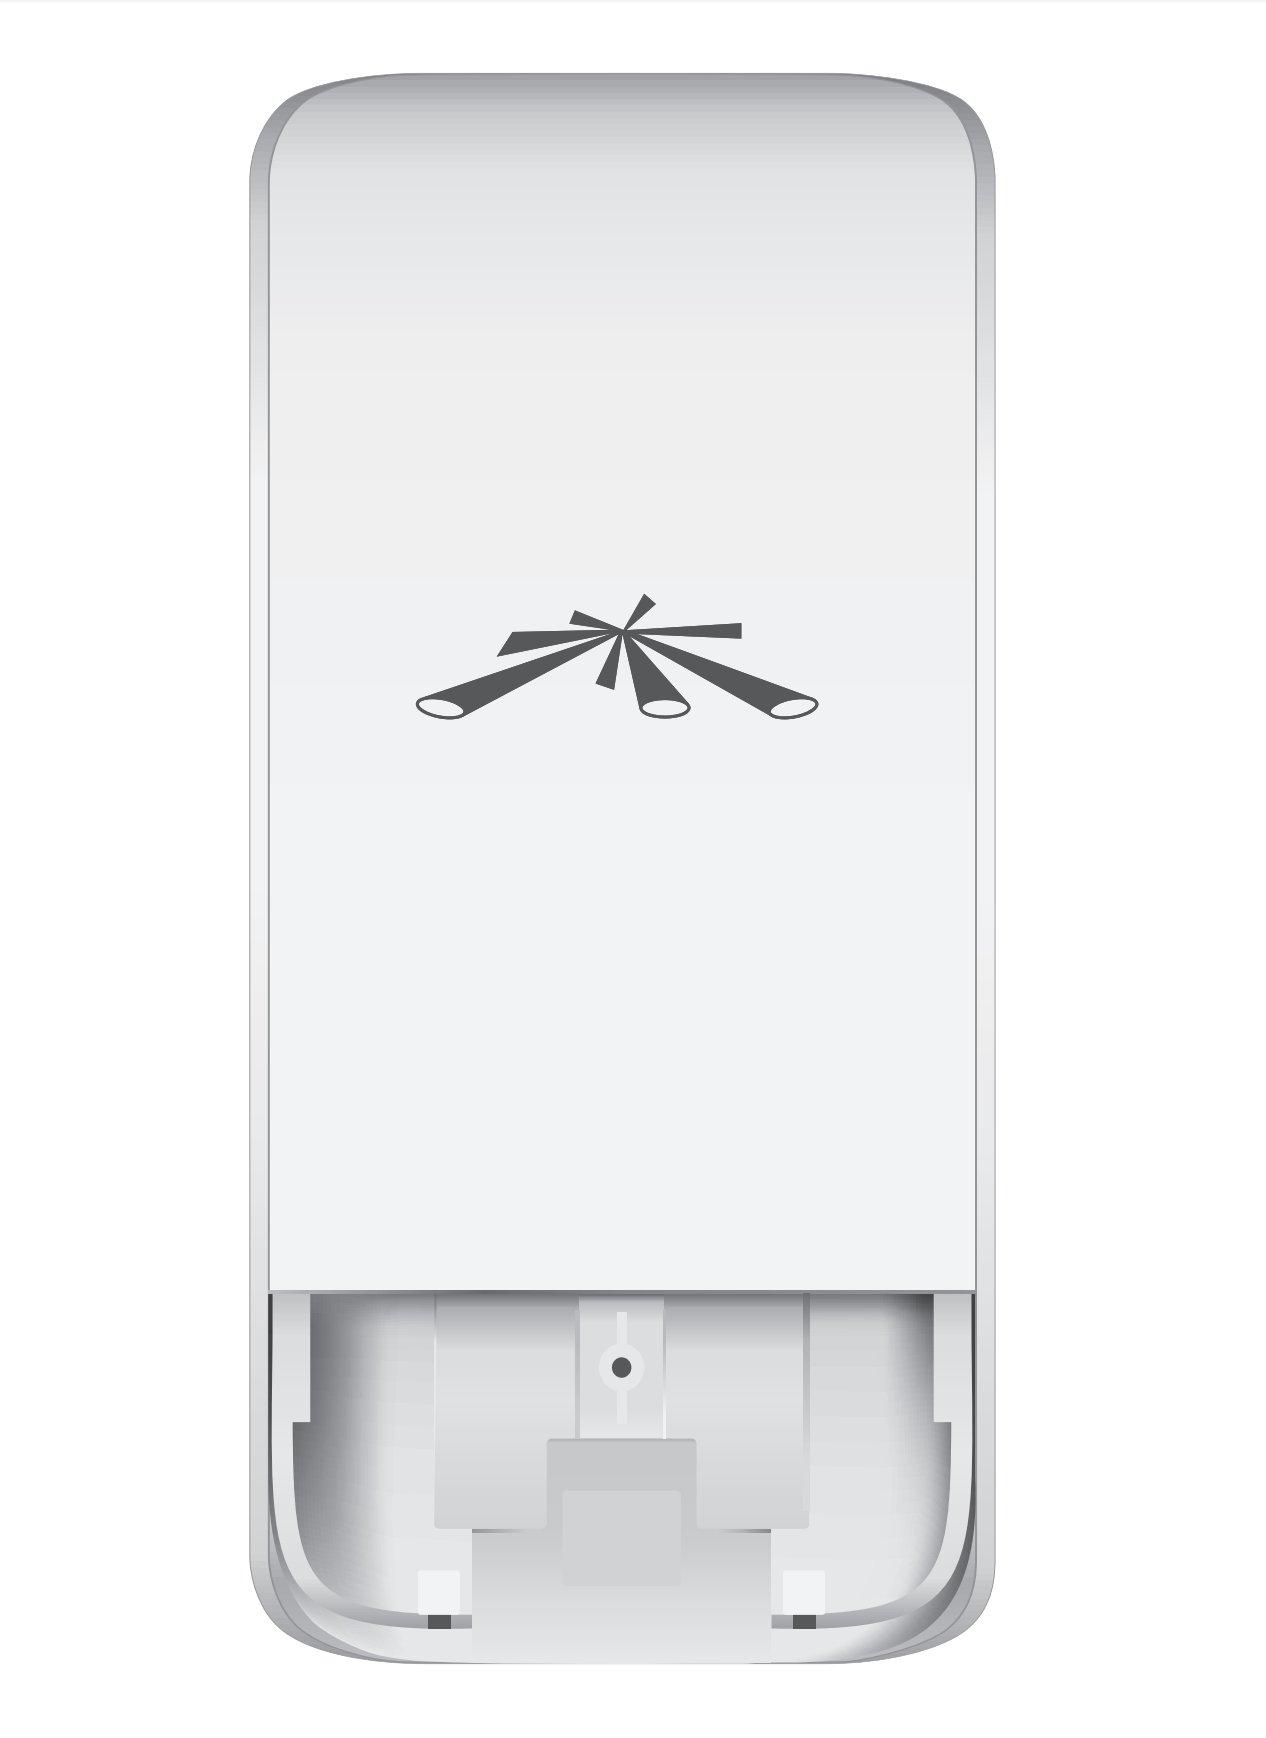 Ubiquiti Loco M5 Wifi Access Point